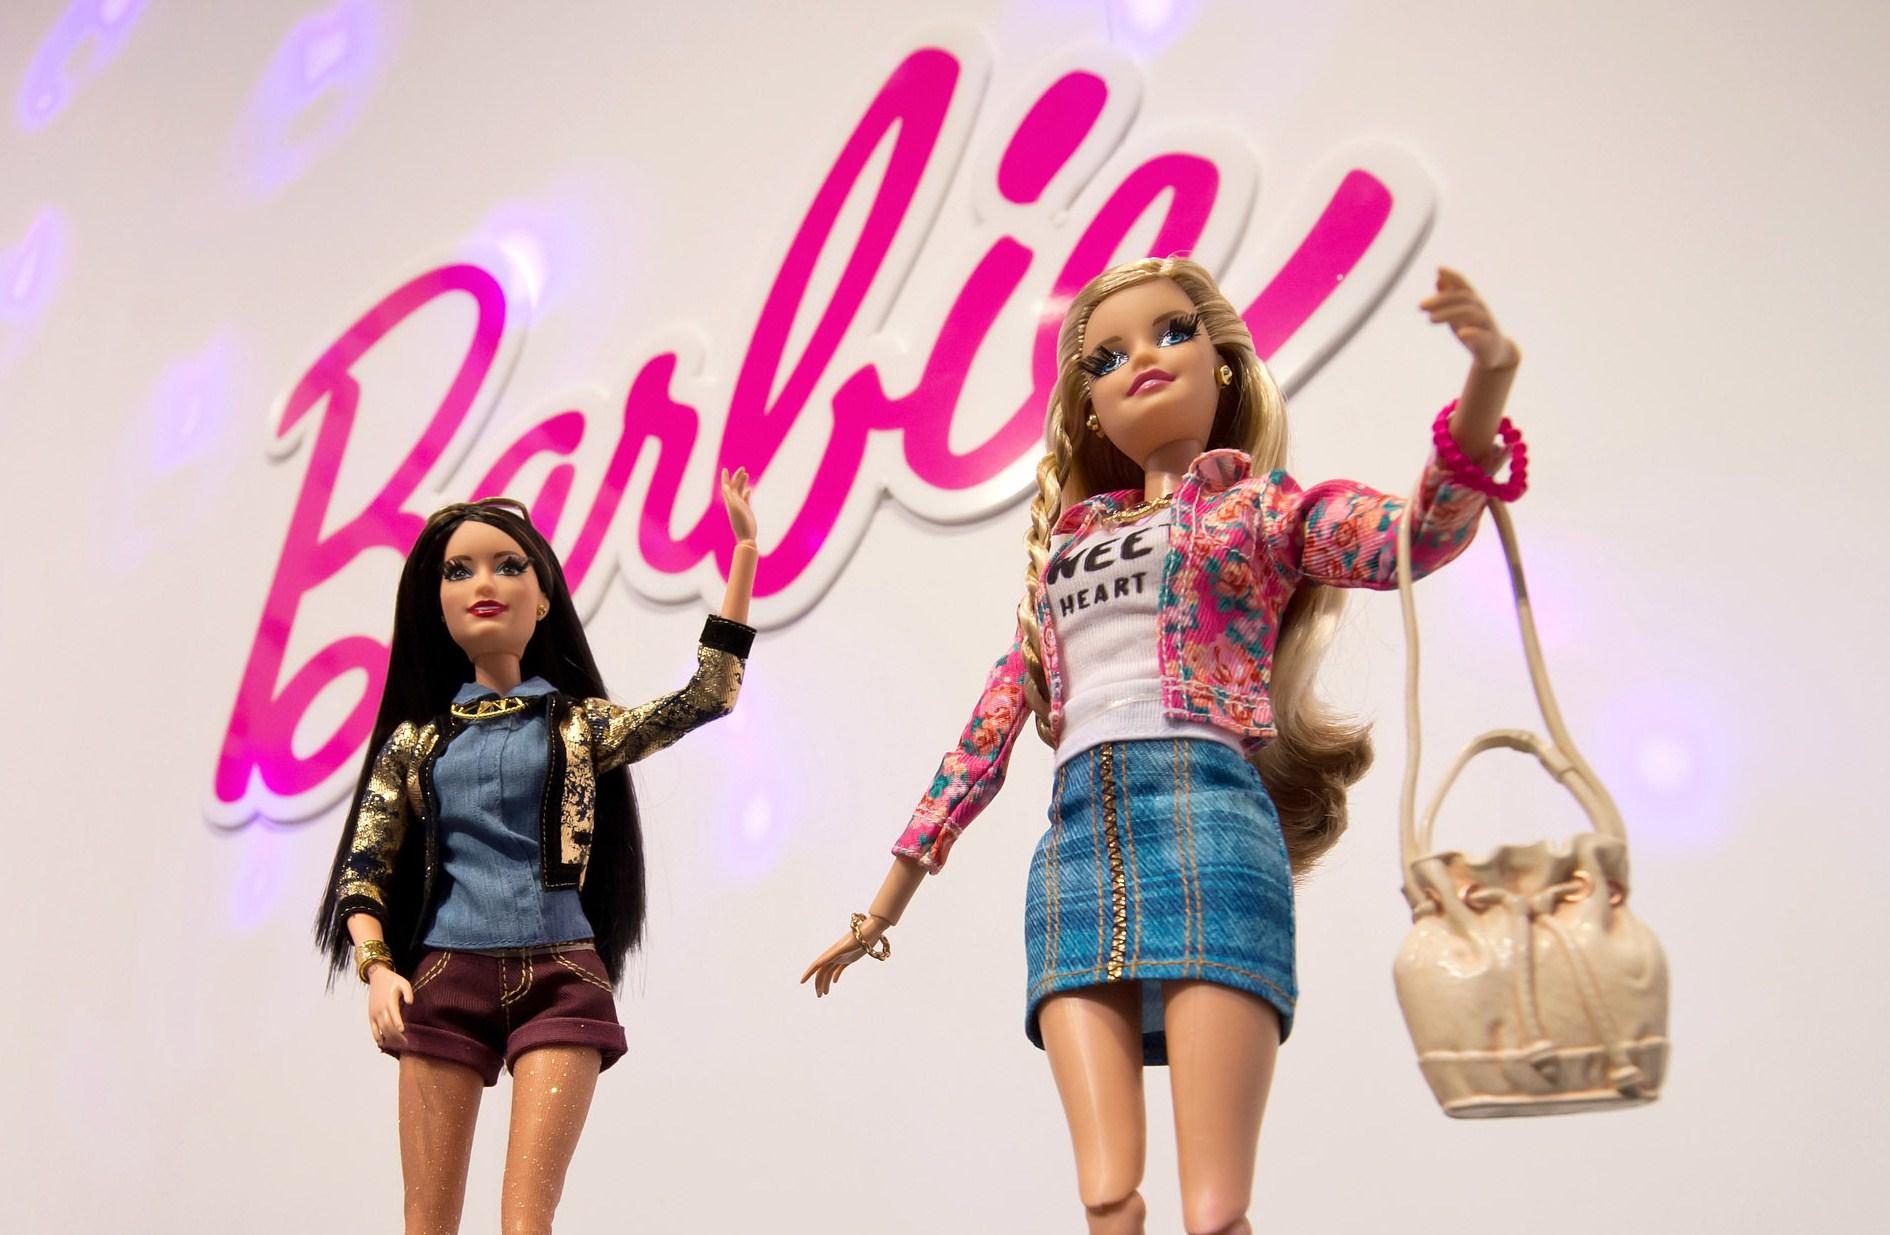 Secondo una ricerca Barbie blocca i sogni di carriera delle giovani donne